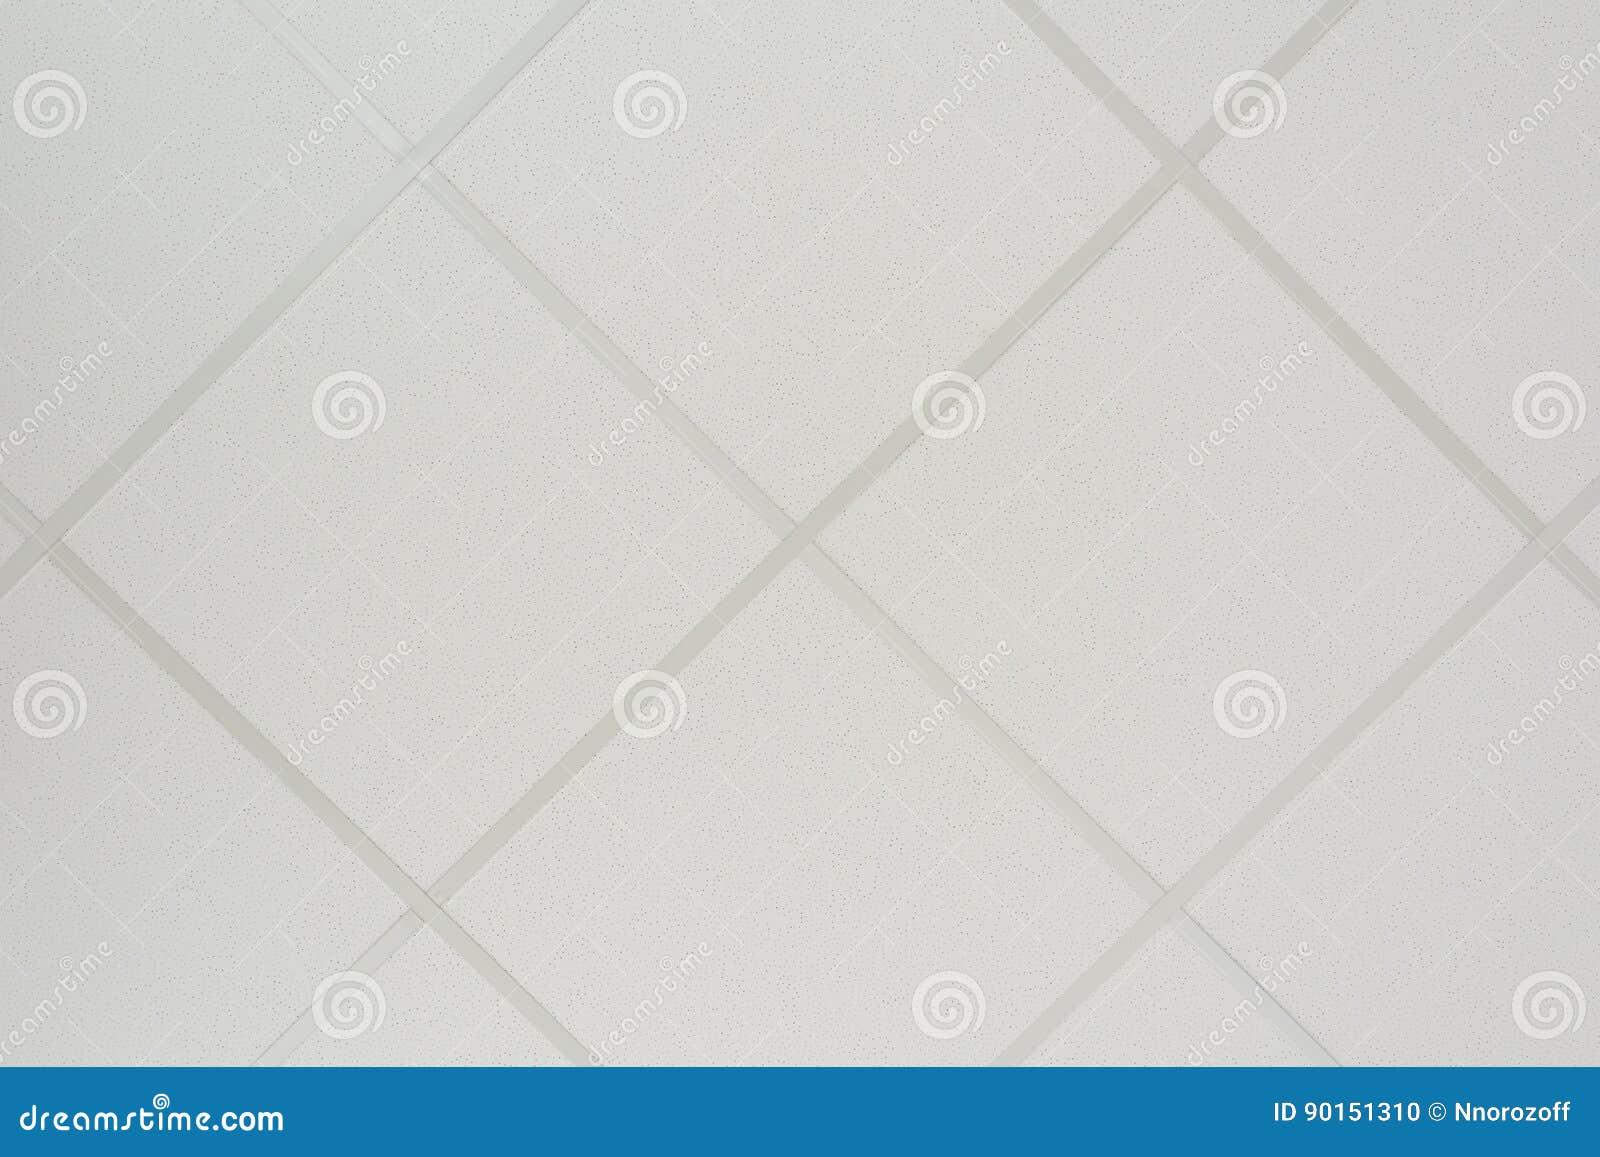 包括方形的板材的一块错误天花板的纹理和对角安排的指挥的外形